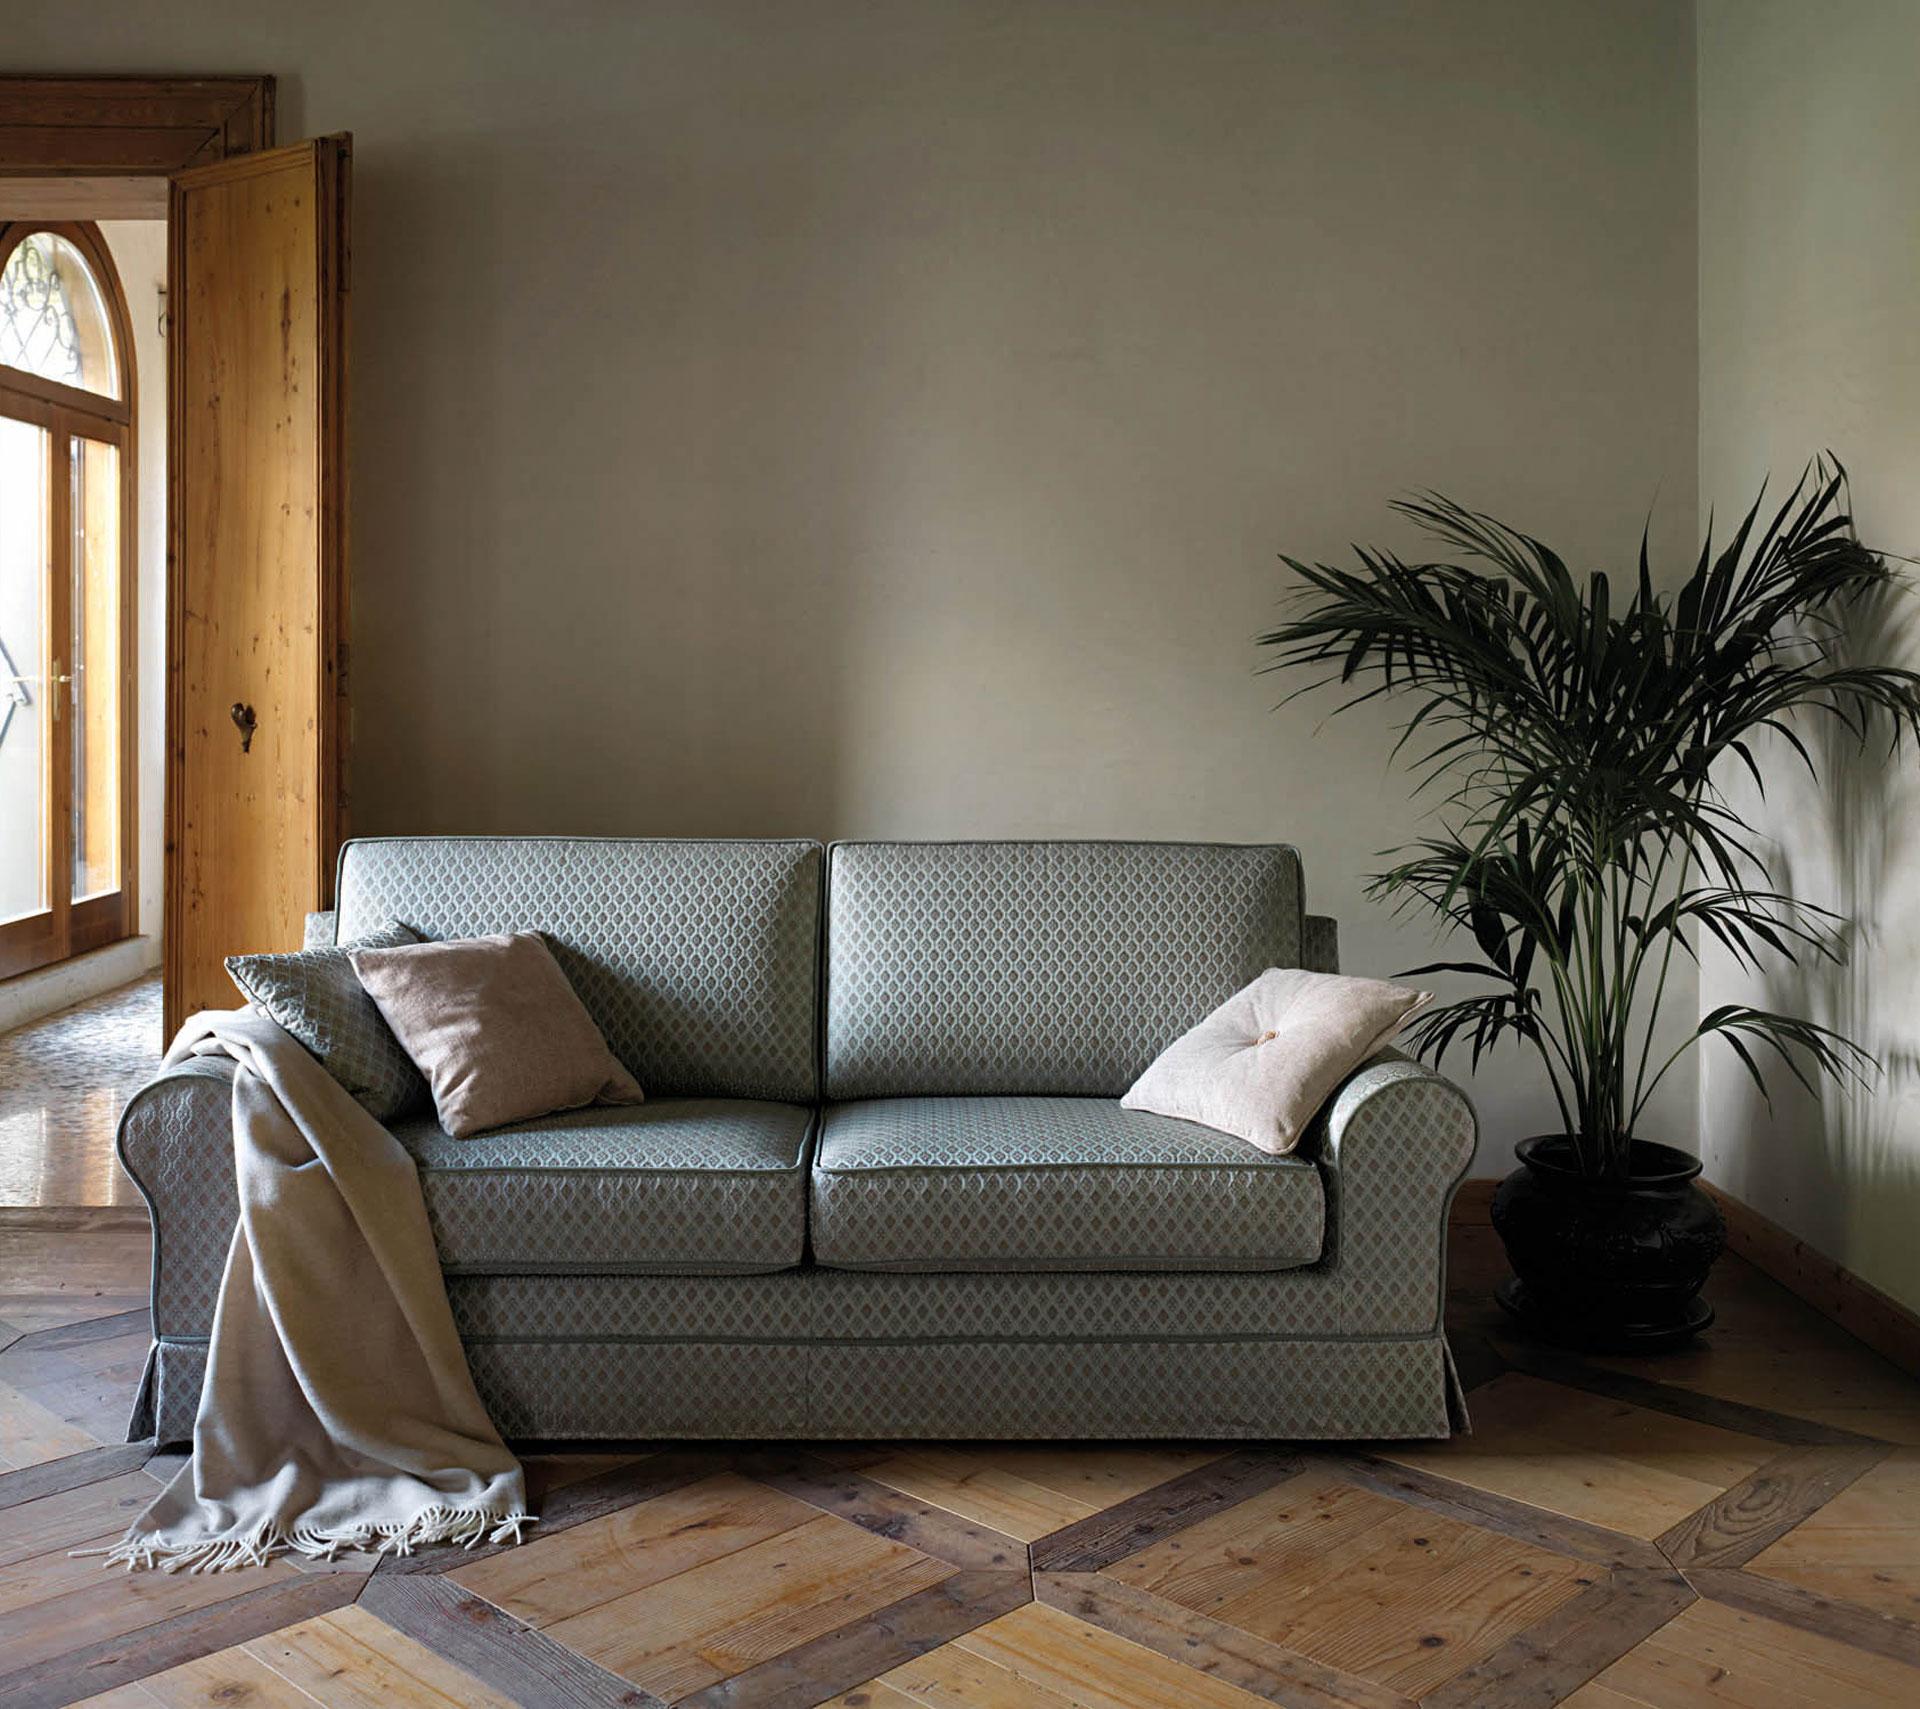 Mtm-arreda-gatteo-progettazione-su-misura-divano